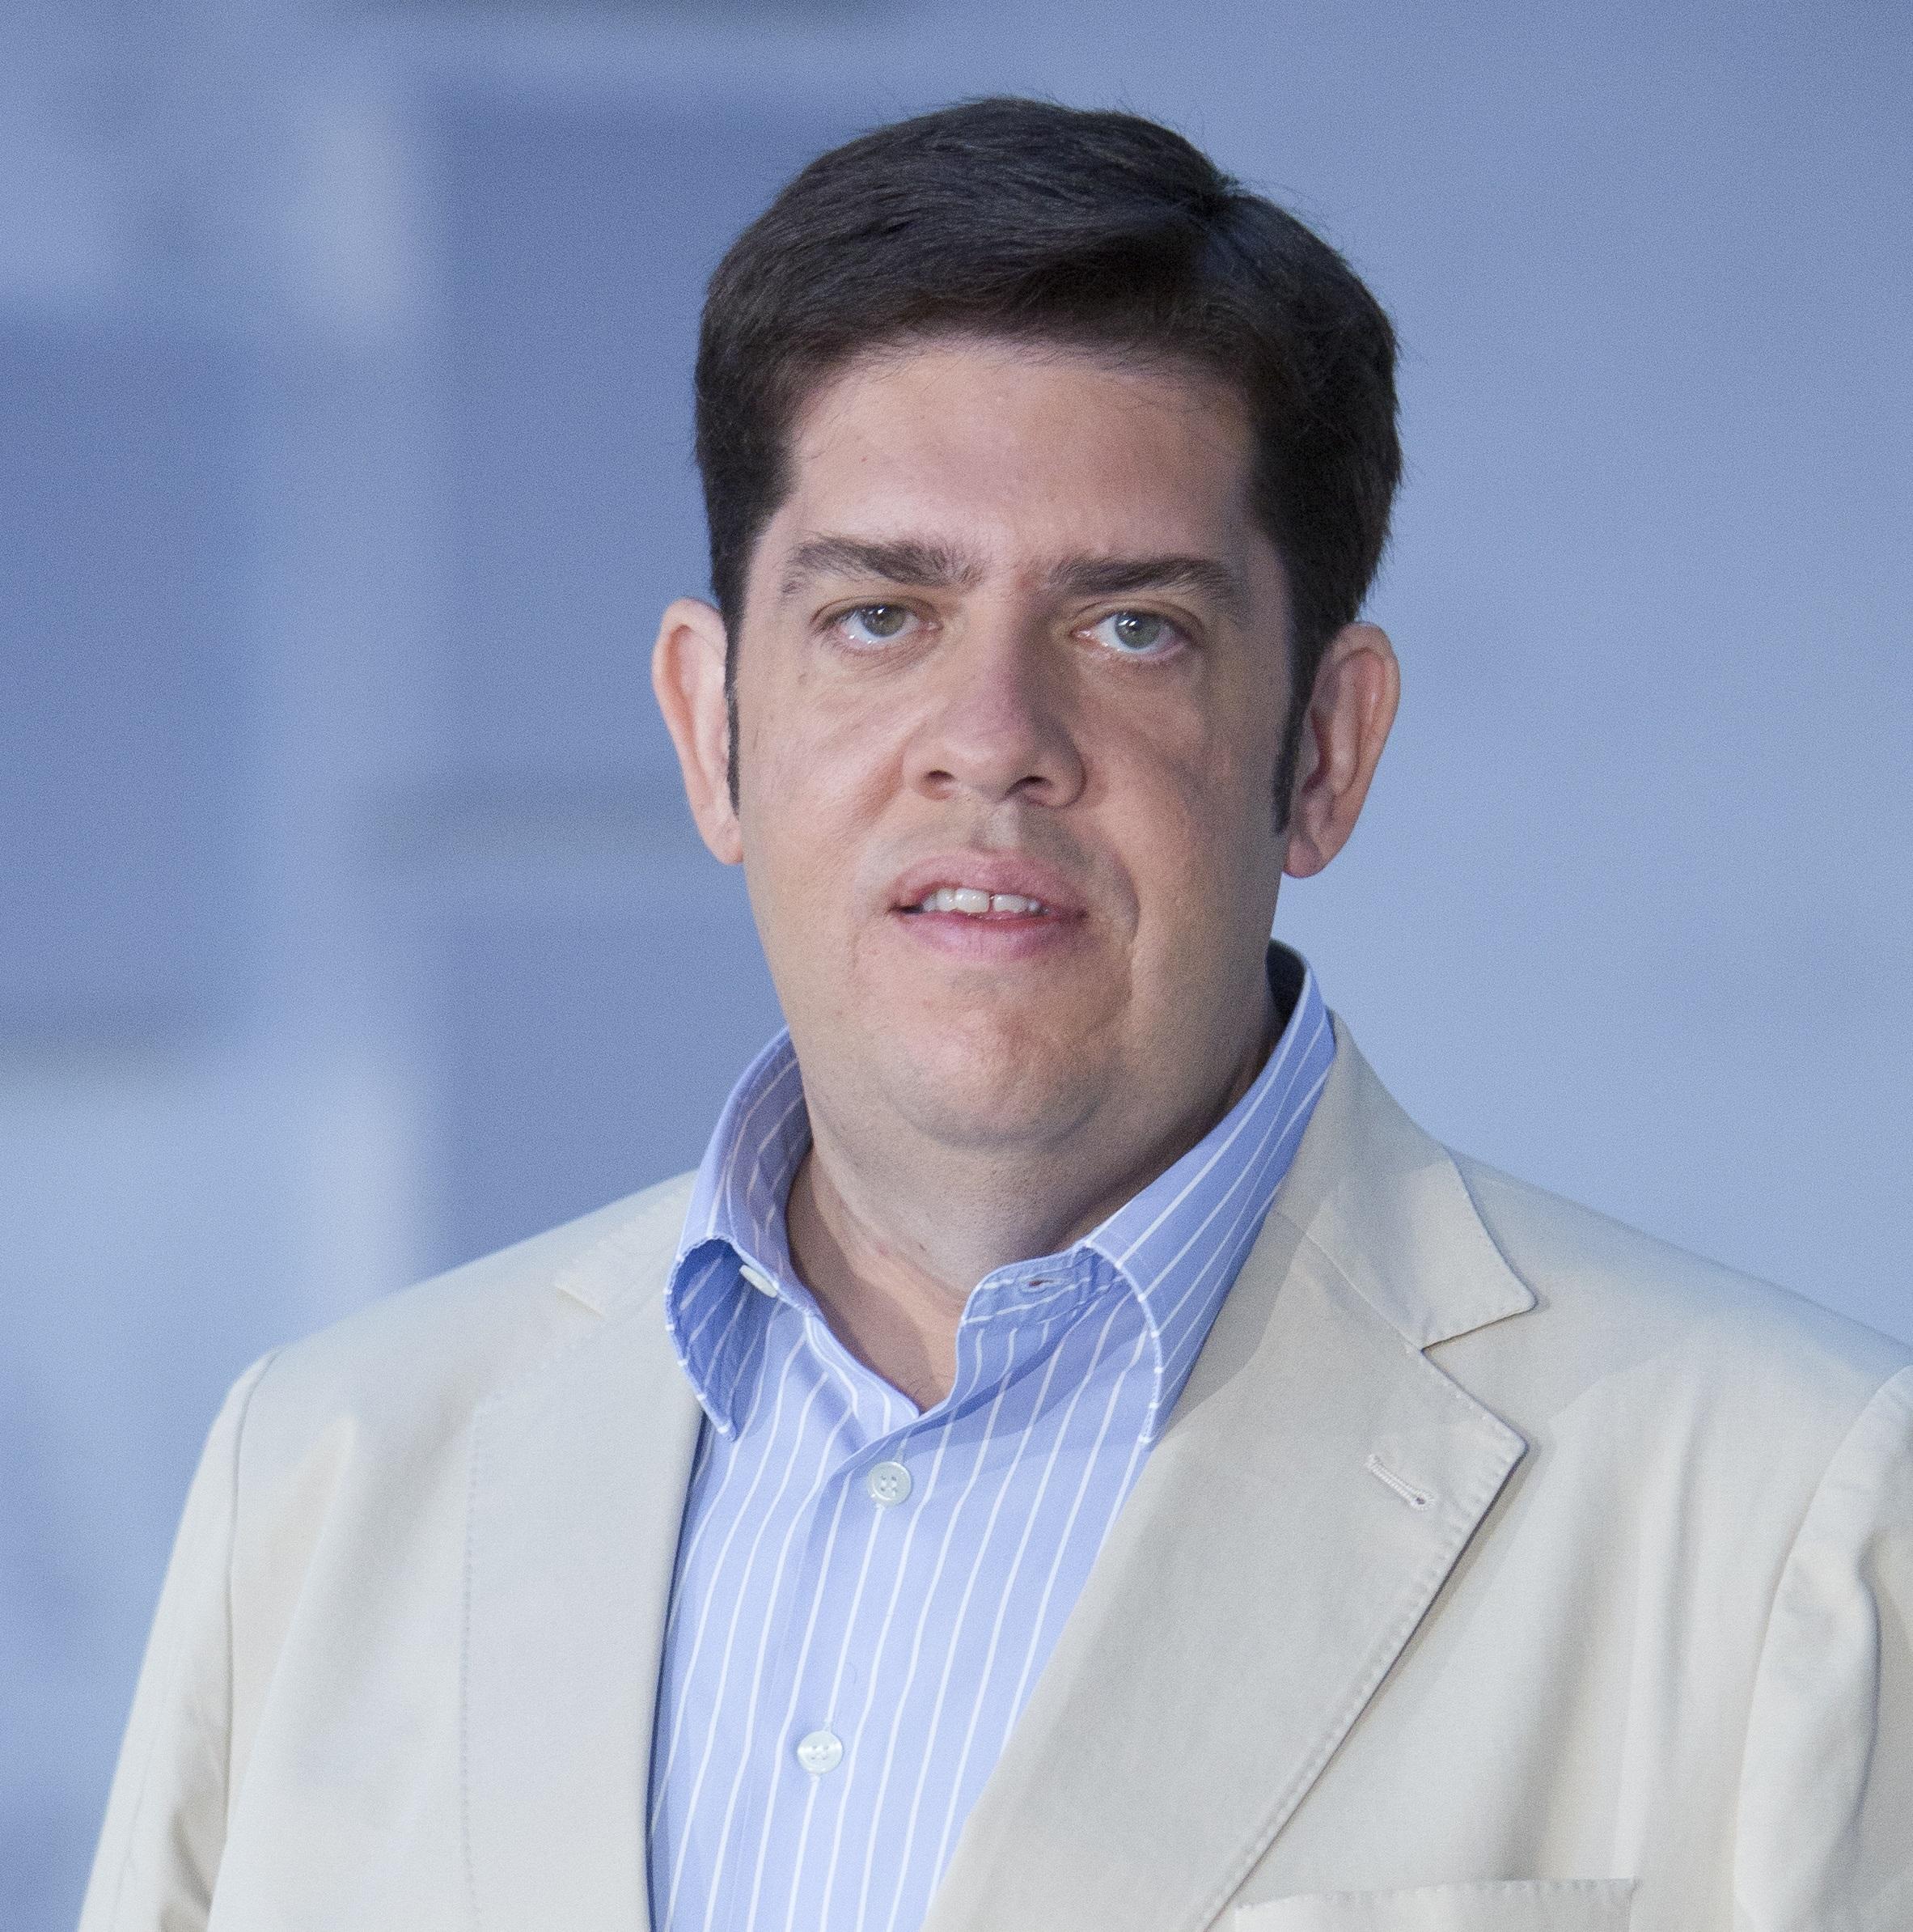 Jorge López Zafra